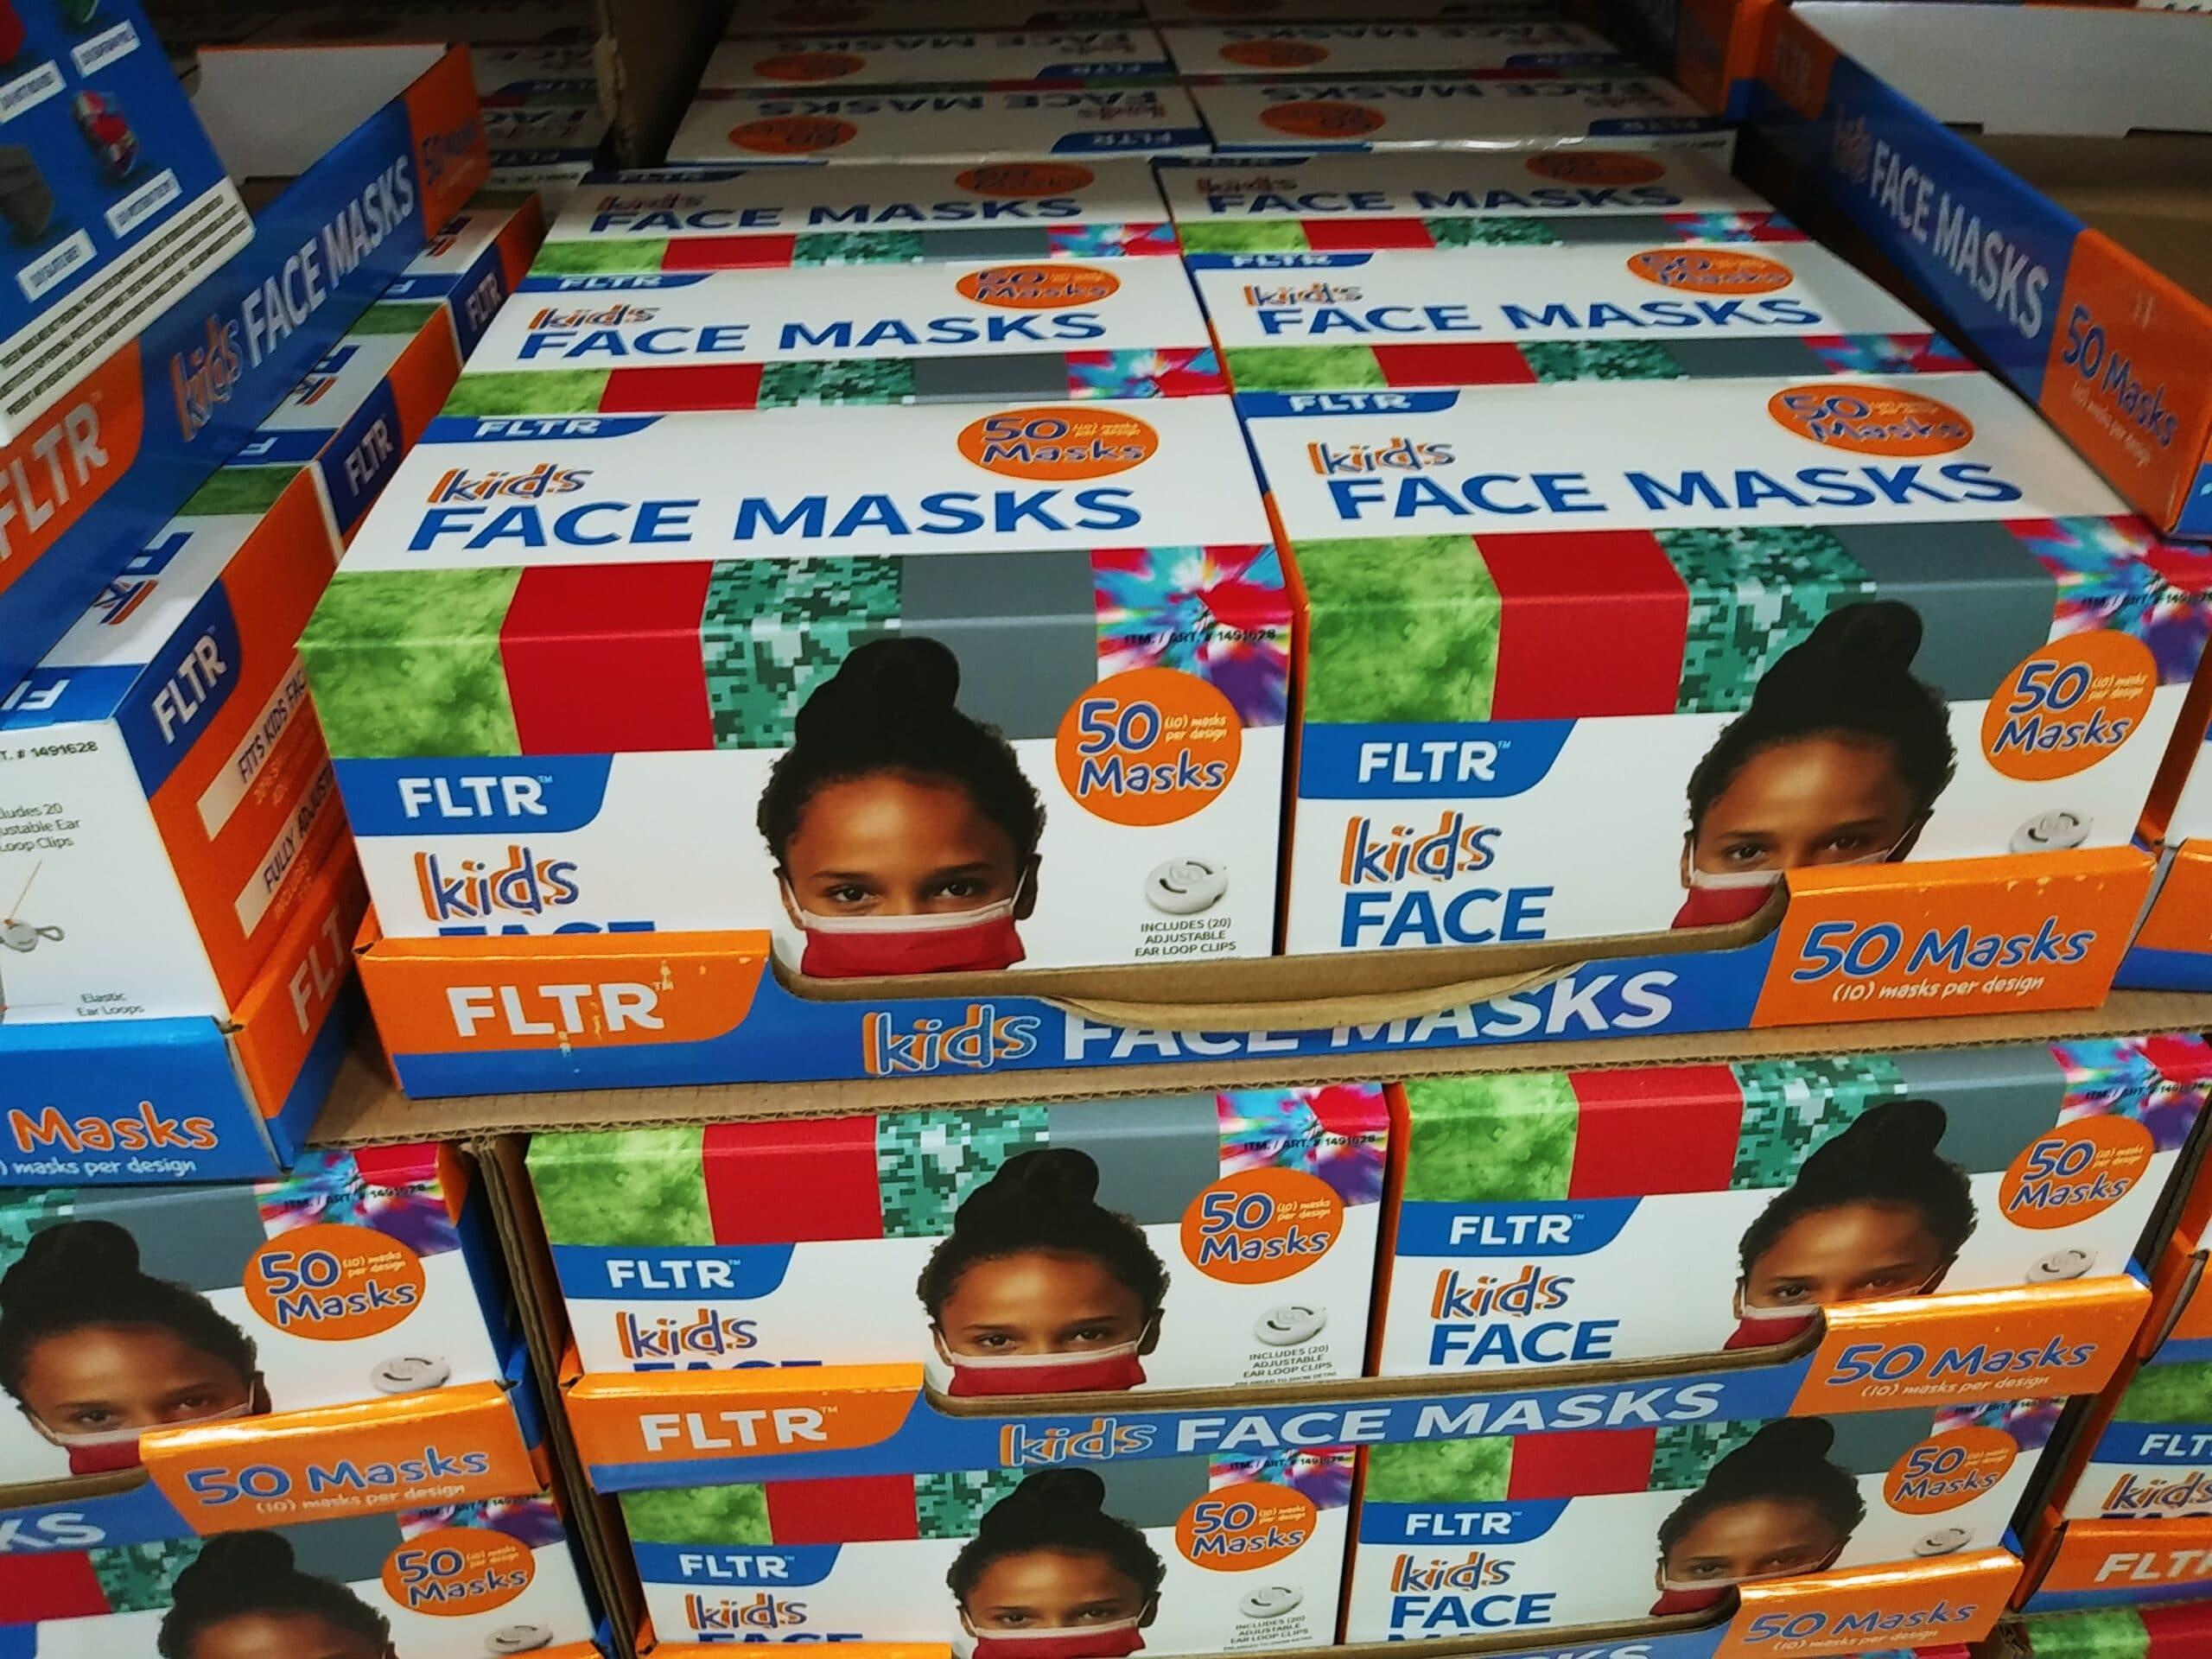 FLTR Kids Face Masks 50ct $6.99